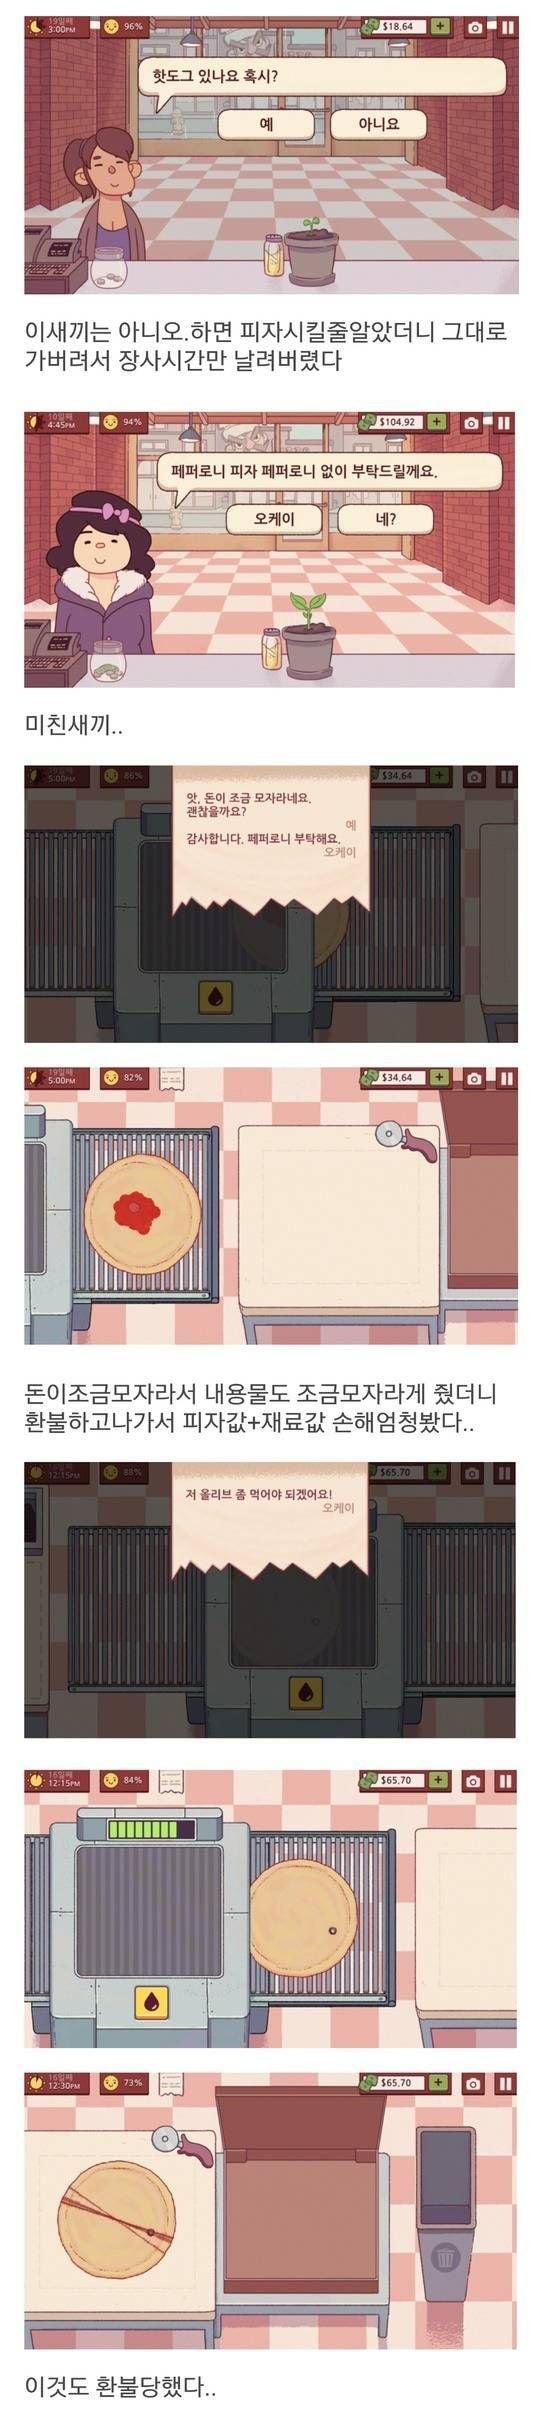 게임 속 피자가게를 오픈한 디씨인 2.jpg